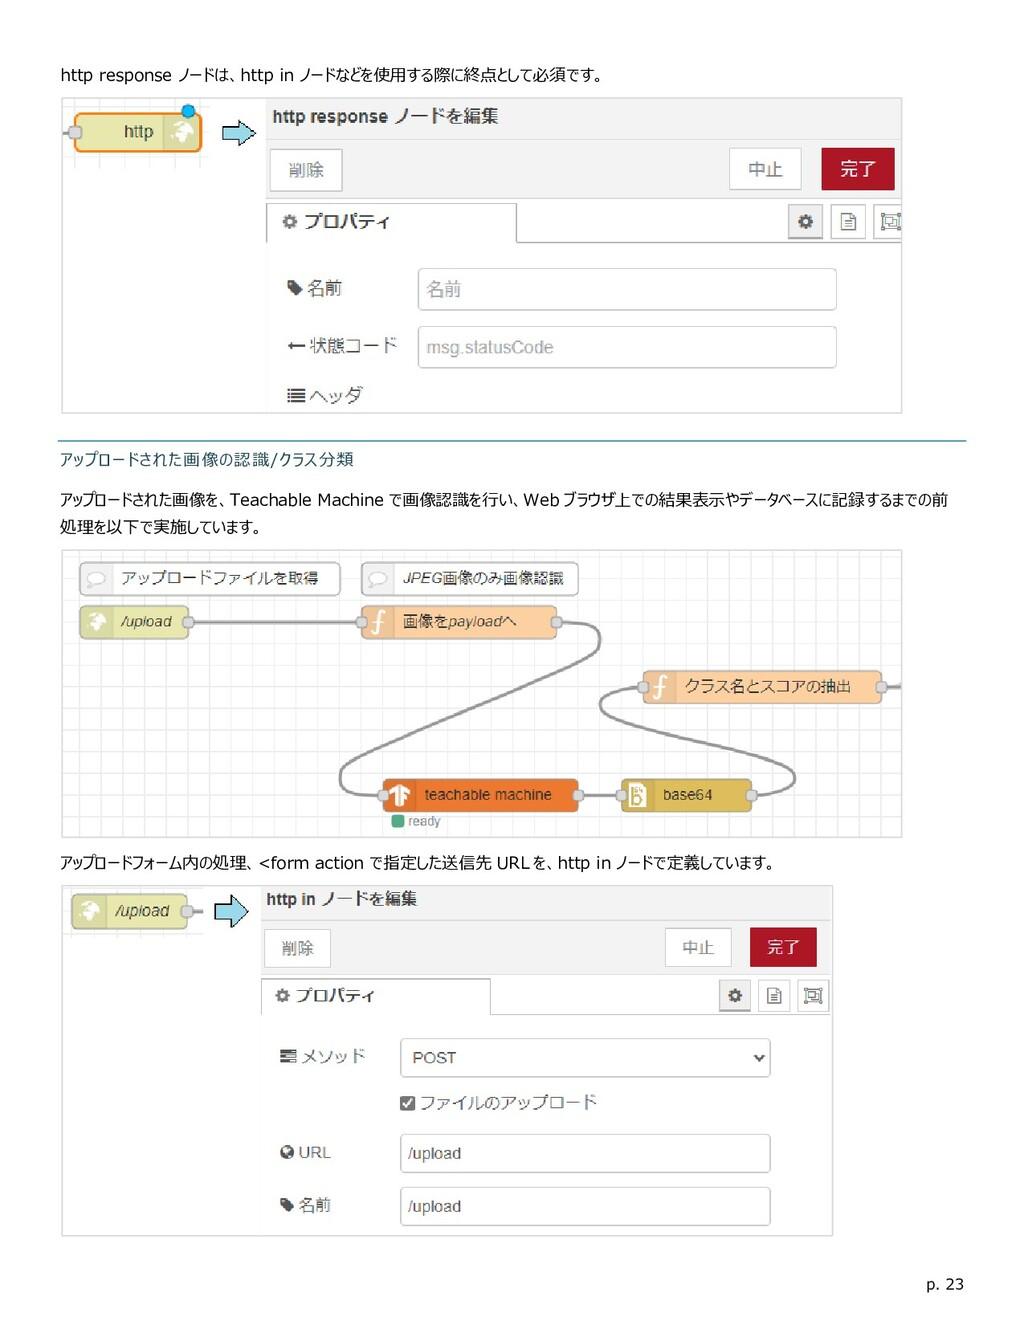 p. 23 http response ノードは、http in ノードなどを使用する際に終点...